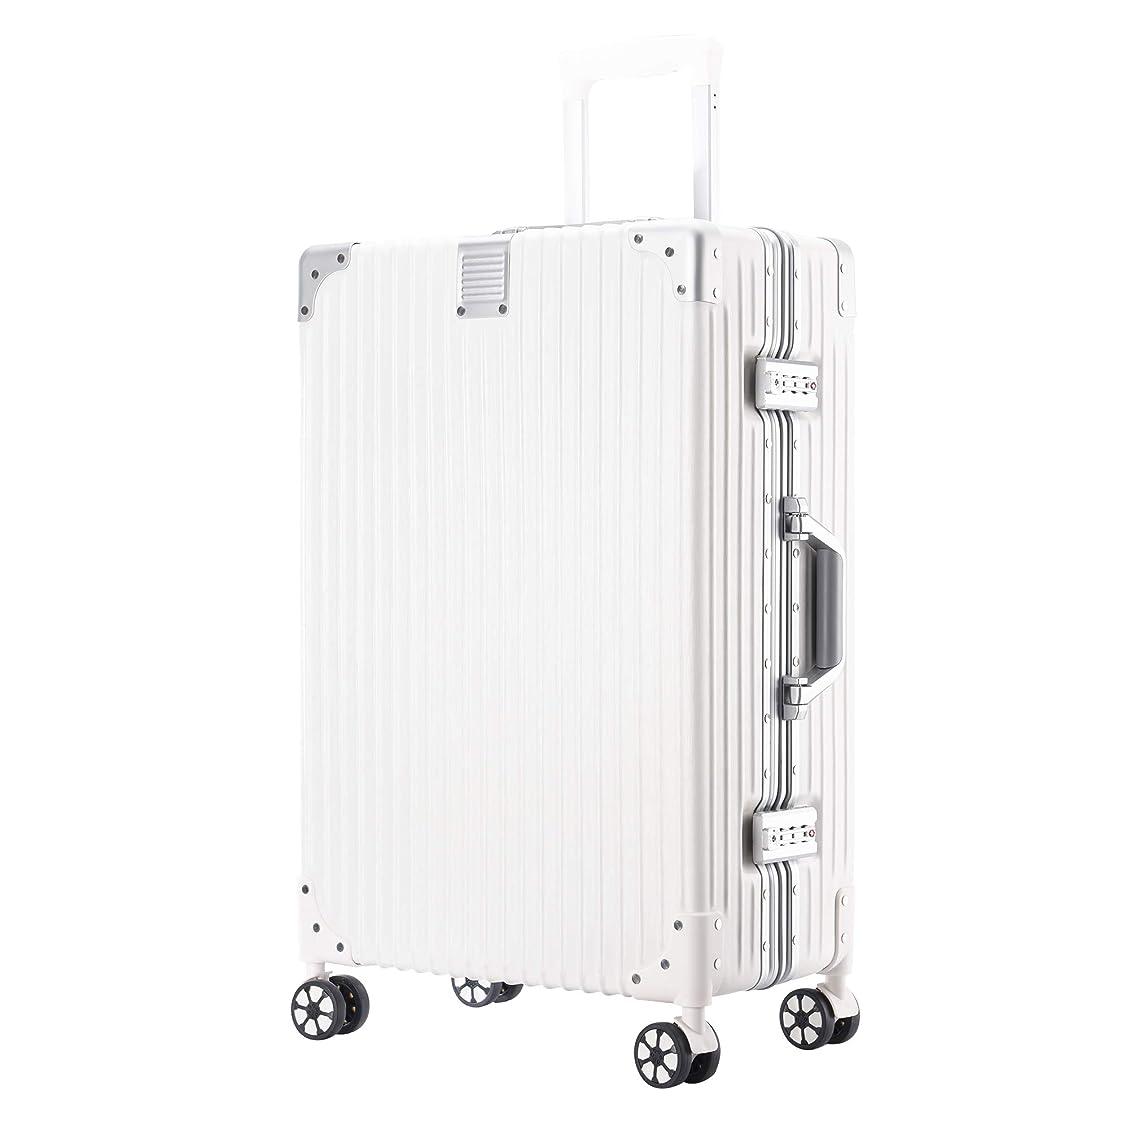 ホーン租界影響する(P.I.) スーツケース キャリーケース TSAロック 半鏡面 アルミフレーム レトロ 旅行 出張 静音 超軽量 (XL, ブラック)